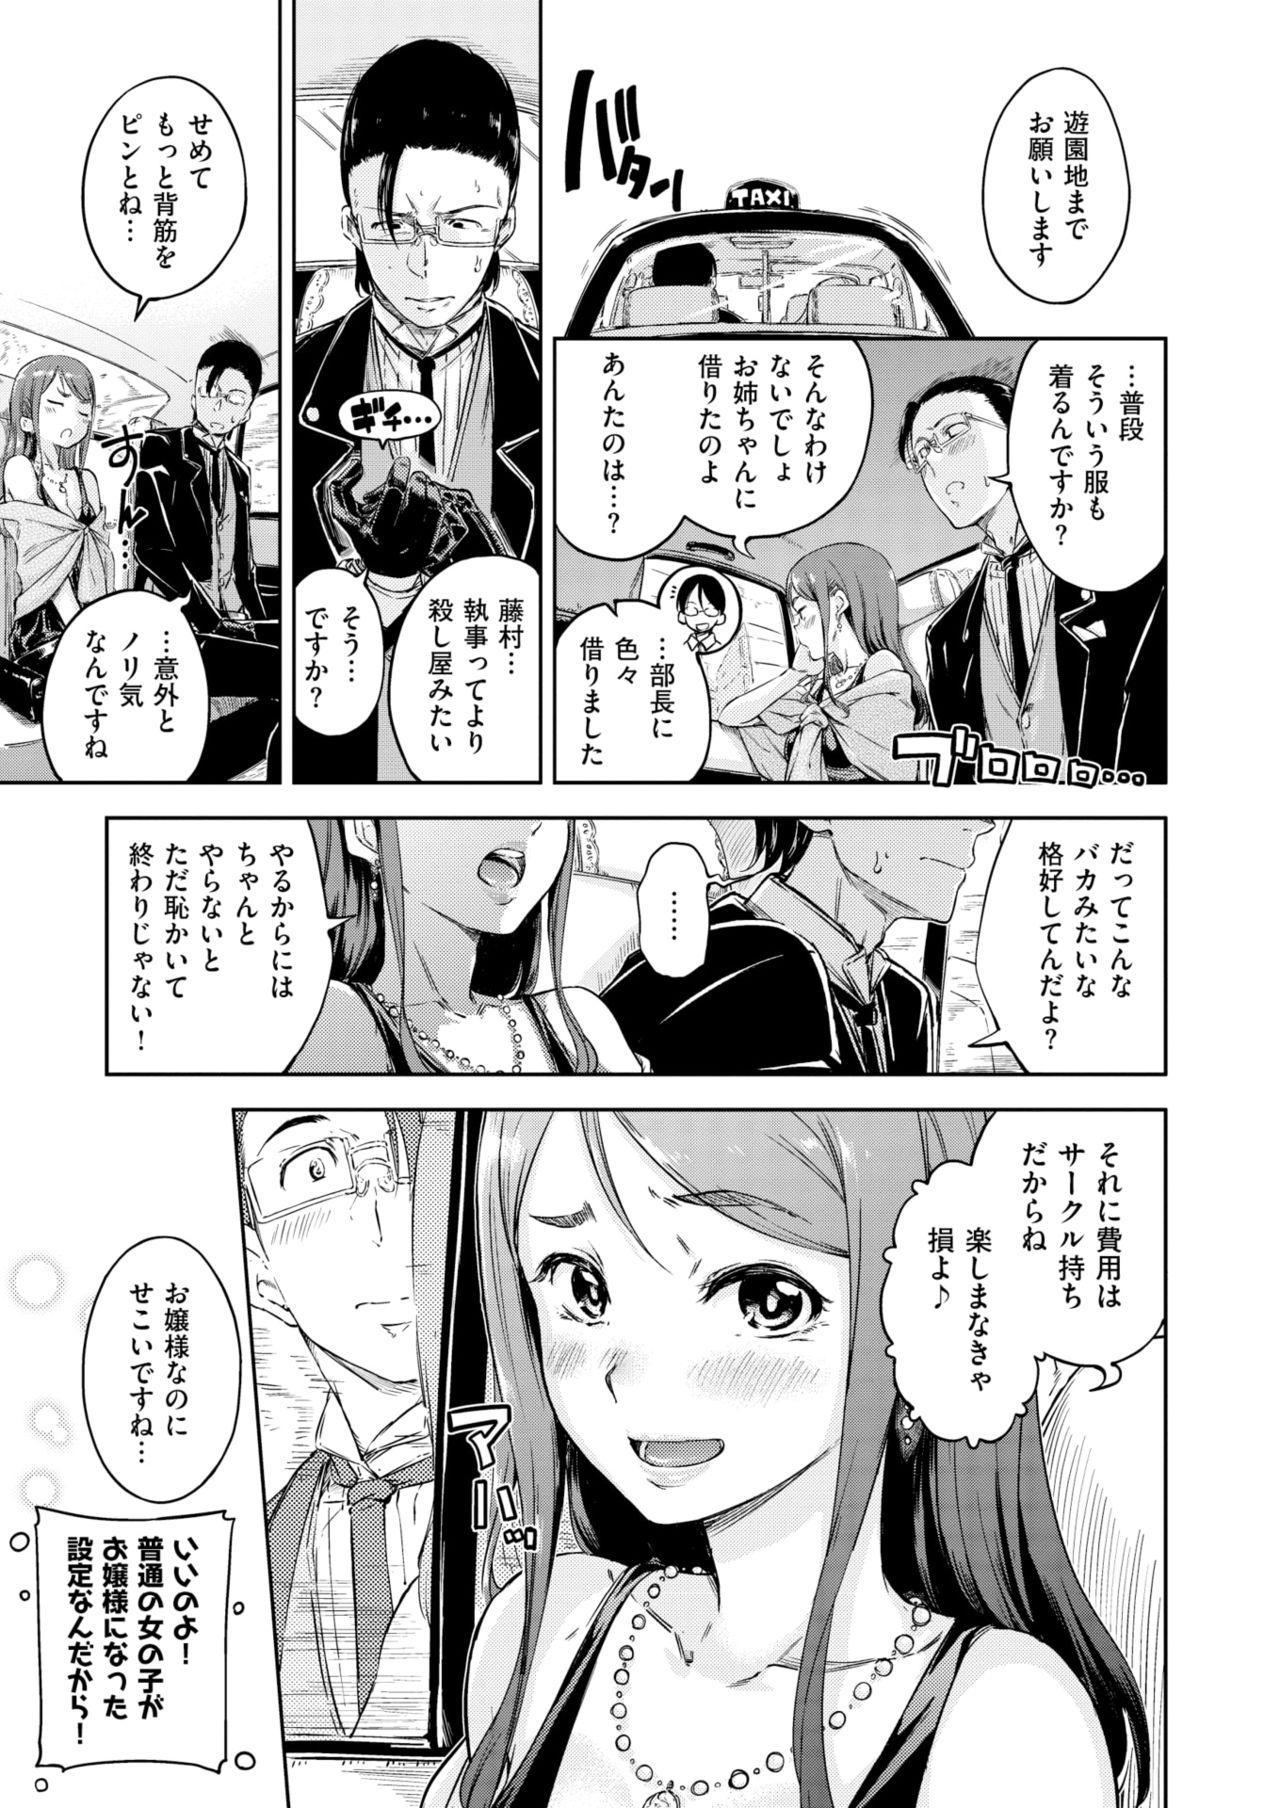 COMIC Kairakuten 25 Shuunen kinen tokubetsugou 393